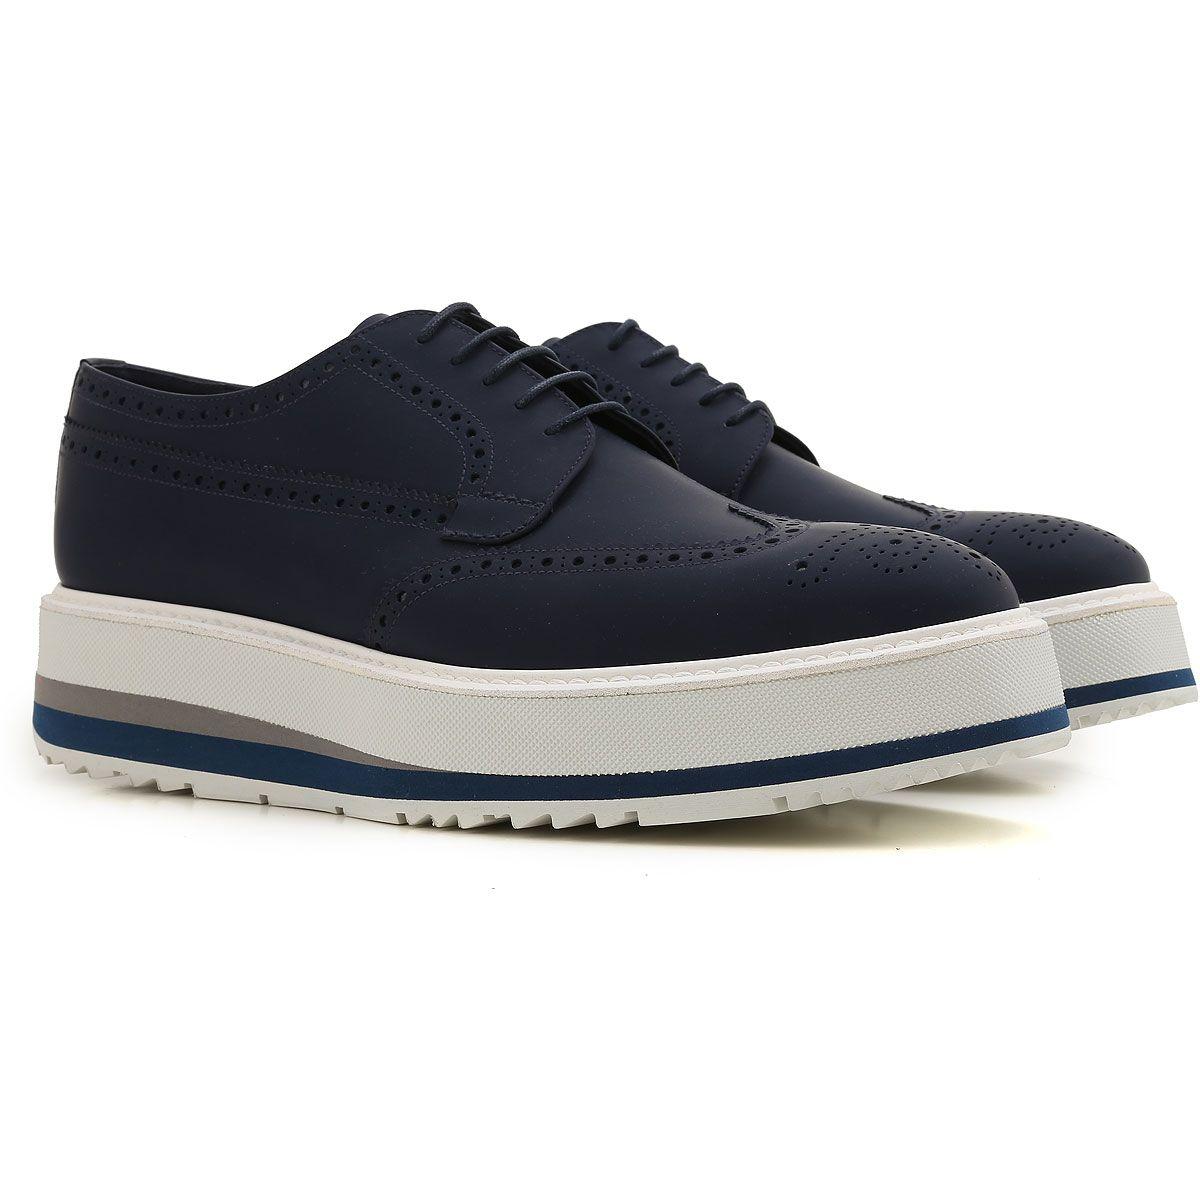 c8777b016143 Chaussures Prada pour homme, sneakers, mocassins et chaussures classiques.  Dernière Collection Prada Men